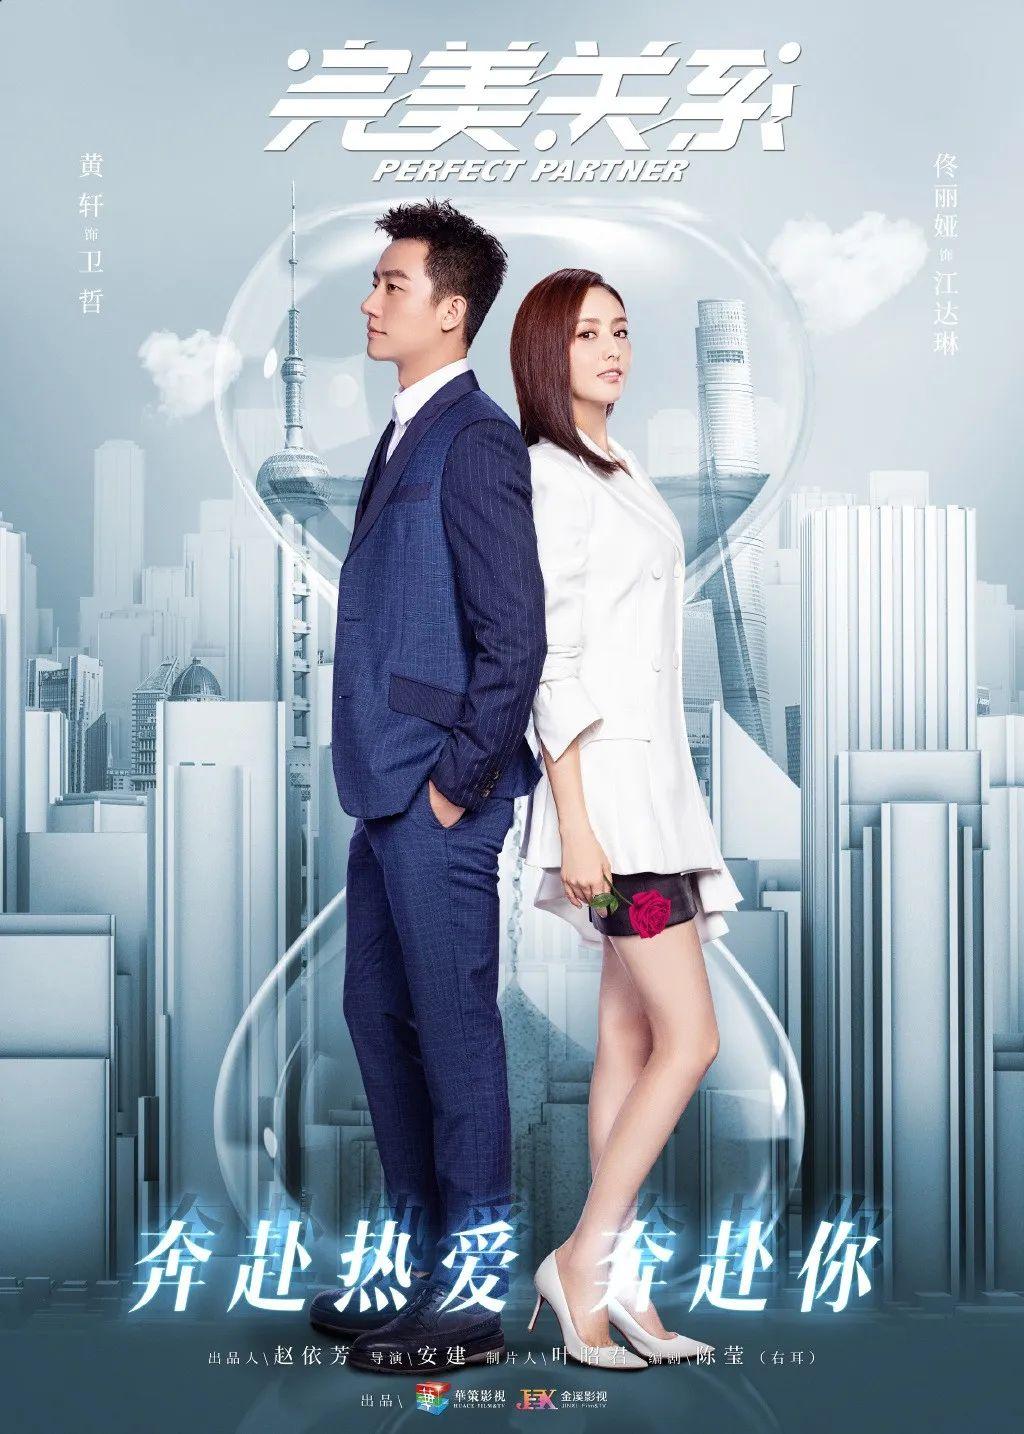 Perfect-Partner-หุ้นส่วนหัวใจ-ซับไทย